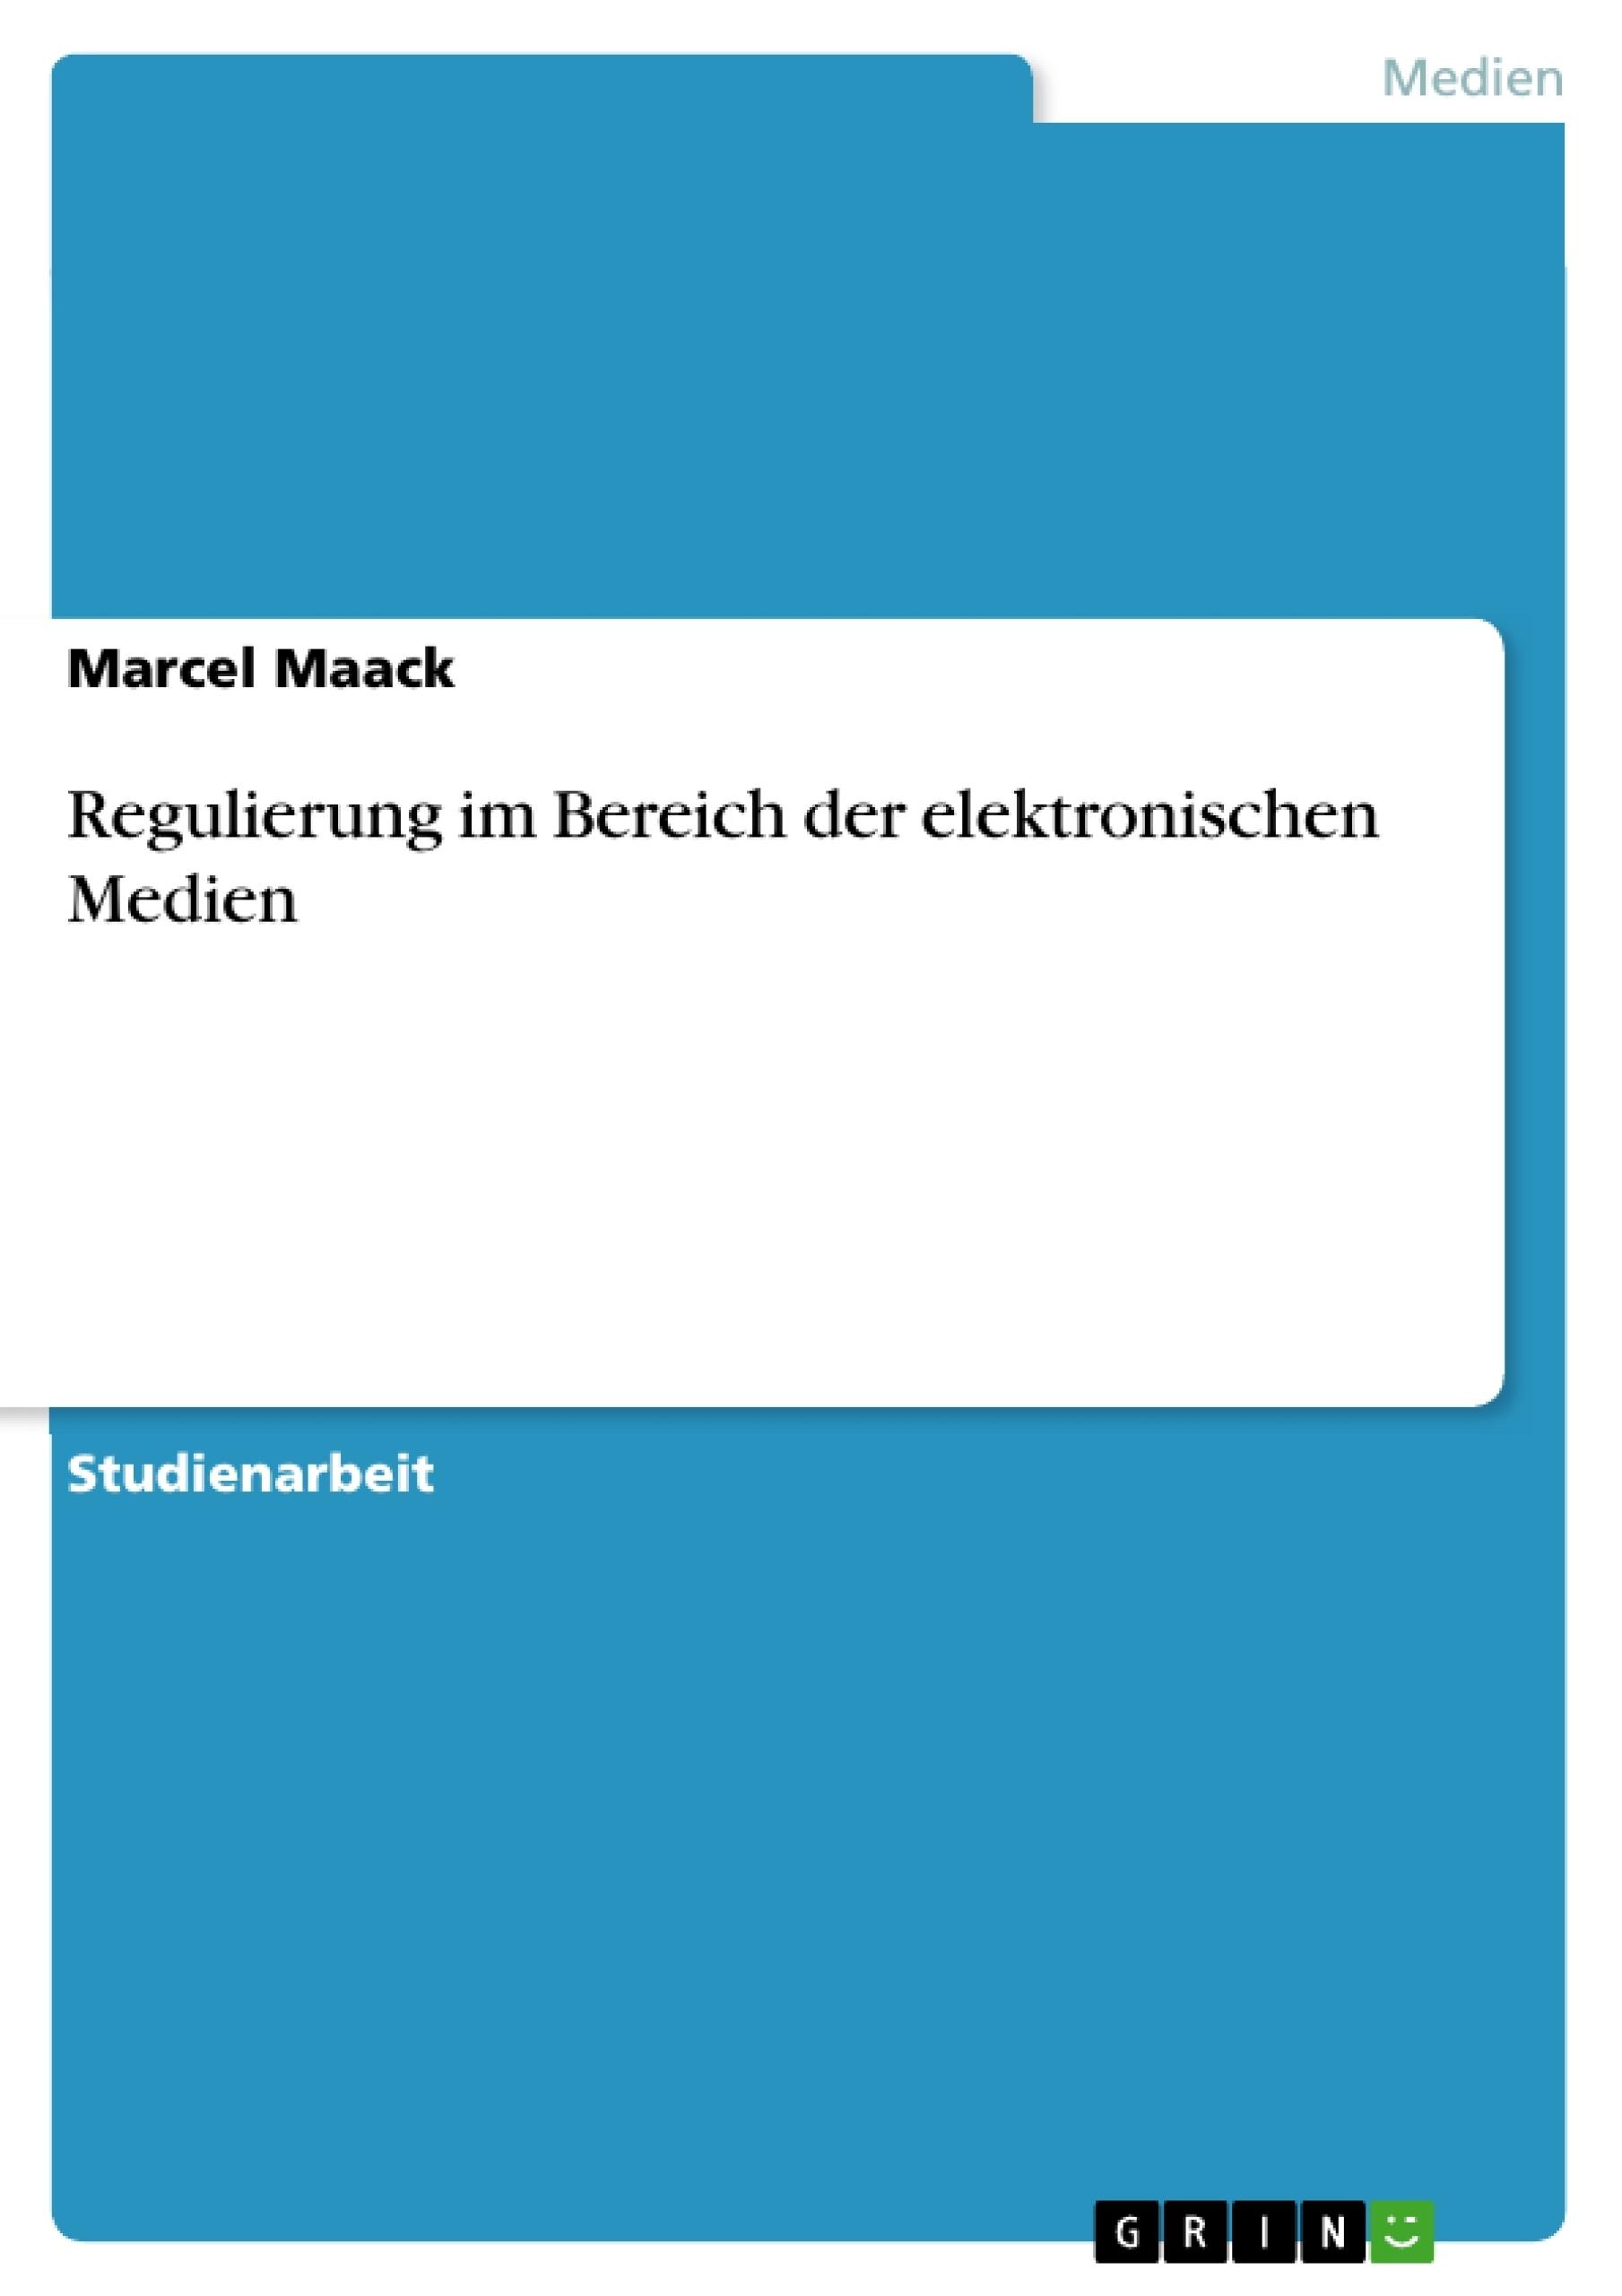 Titel: Regulierung im Bereich der elektronischen Medien